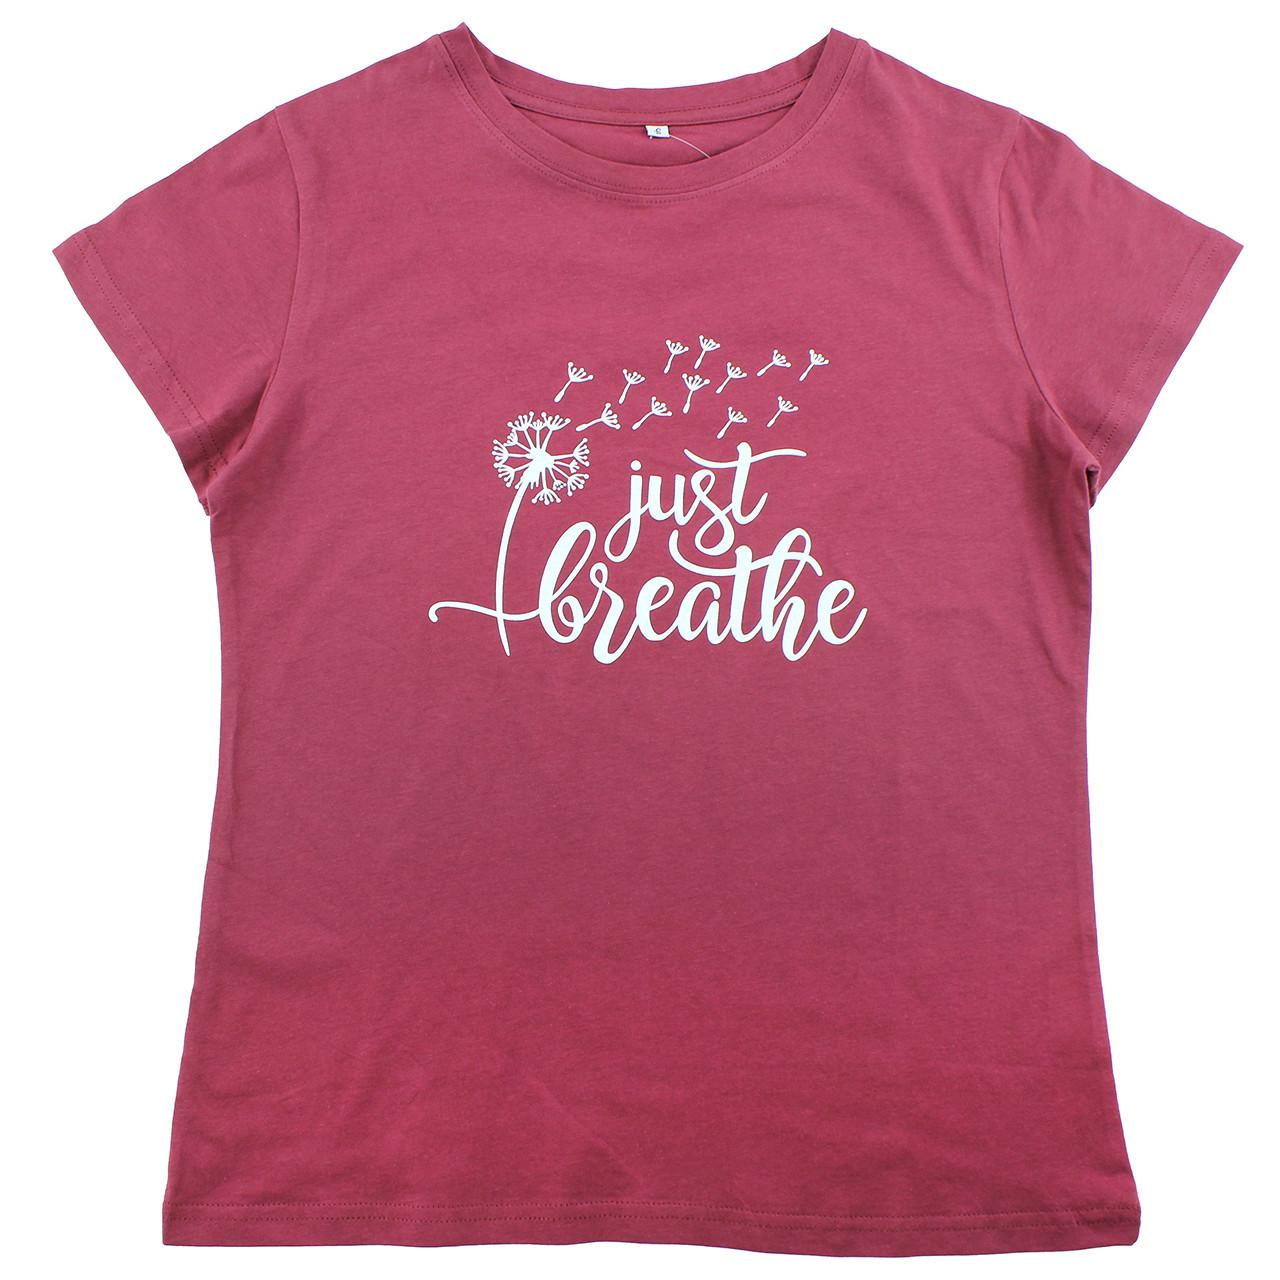 Женская футболка Одуванчик Just Breathe забавная хлопковая футболка для медитации летняя бордовая